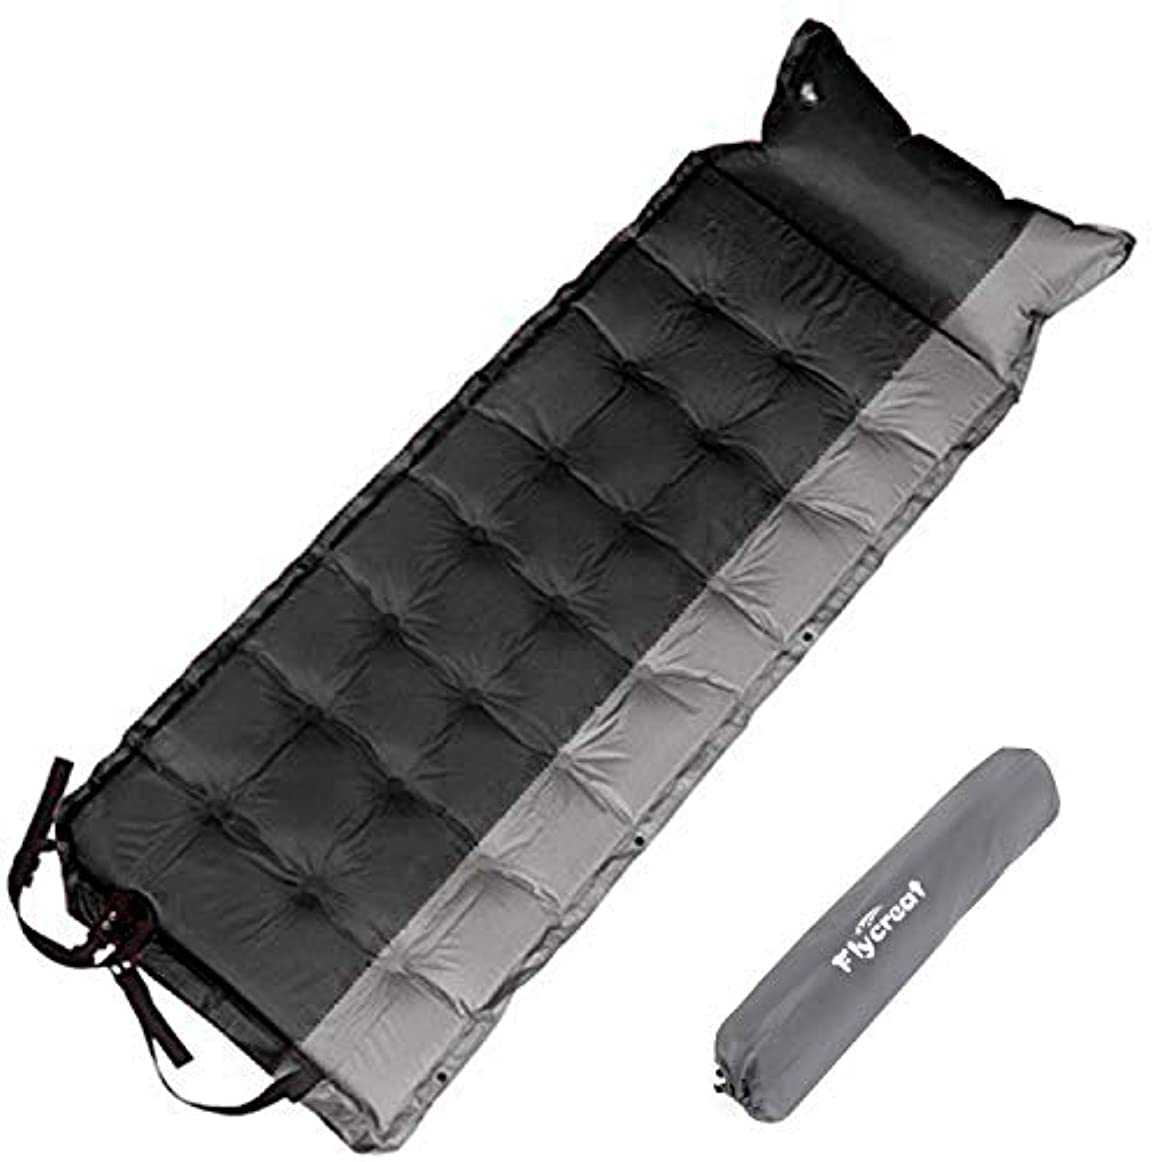 進化誘惑する冒険家Flycreatエアーマット キャンピングマット 自動膨張式 5cm厚さ1人用キャンプマット 折り畳み 枕付き 防水 コンパクト 連結可能 昼寝マット